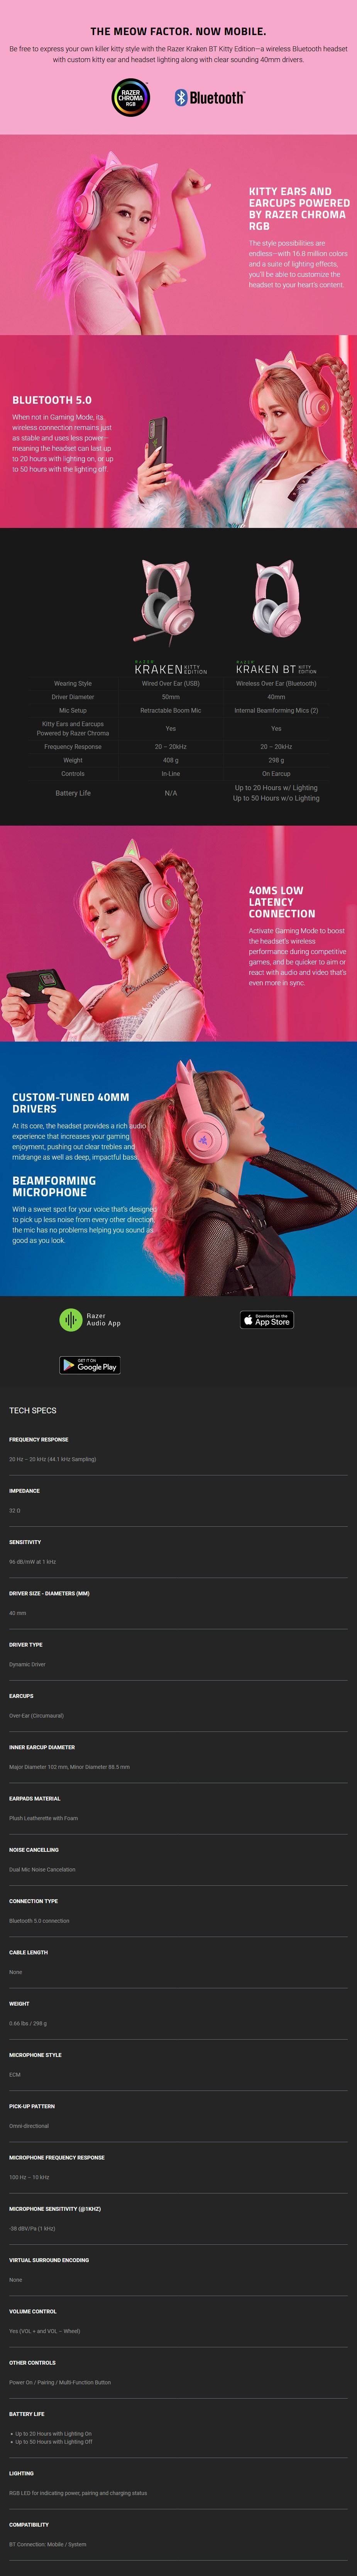 razer_kraken_bt_kitty_chroma_wireless_over_ear_headphones_quartz_ac39607_4.jpg